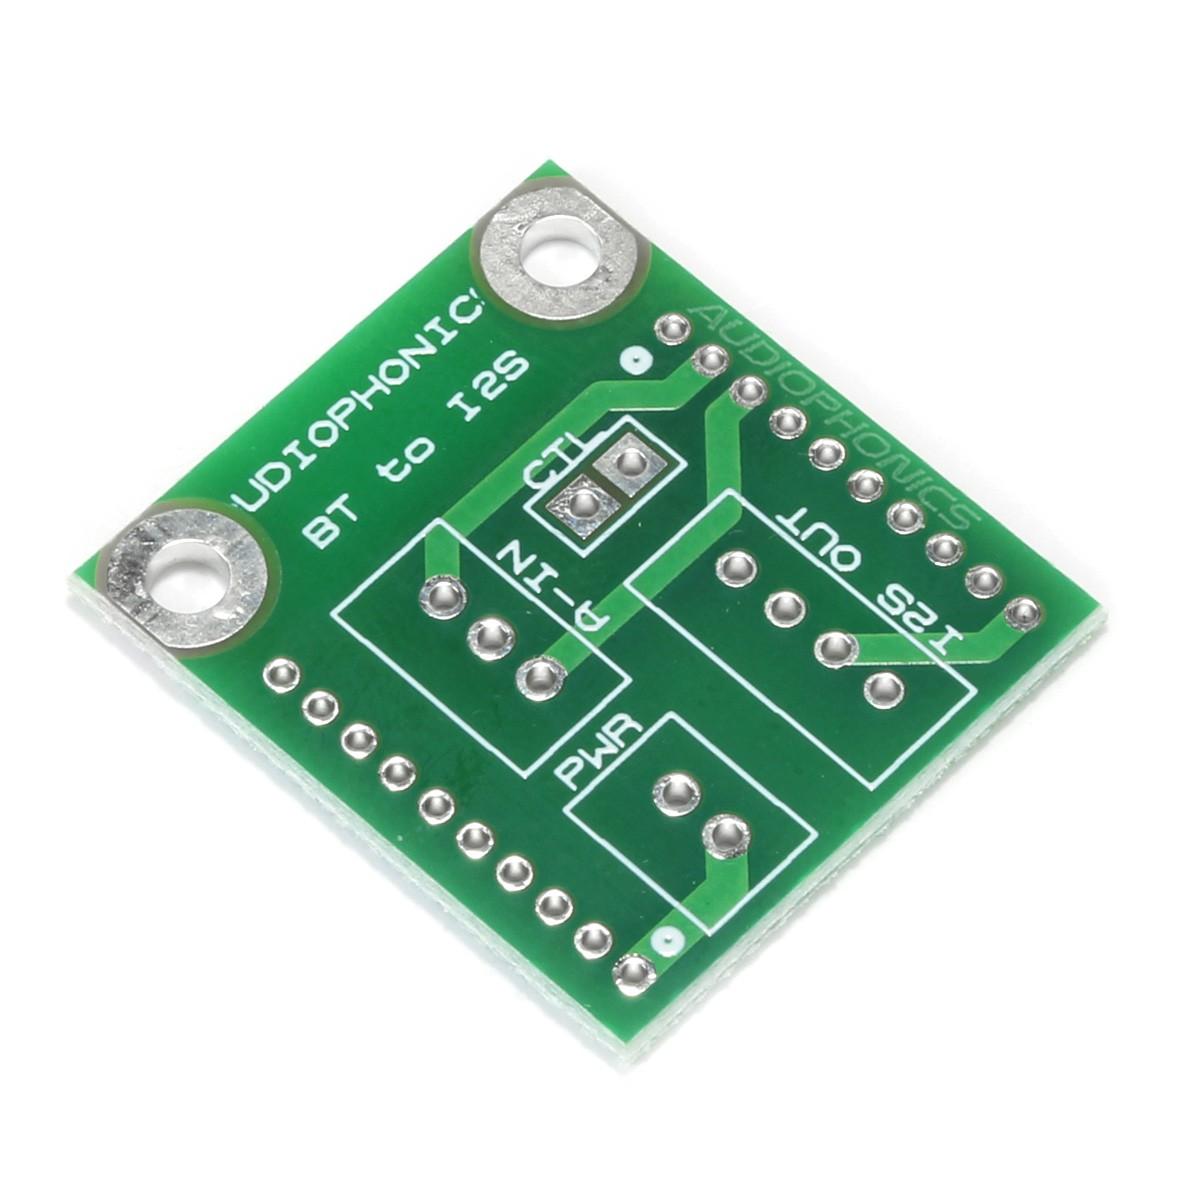 TINYSINE PCB-I2S PCB pour Récepteur Bluetooth I2S Audio-B